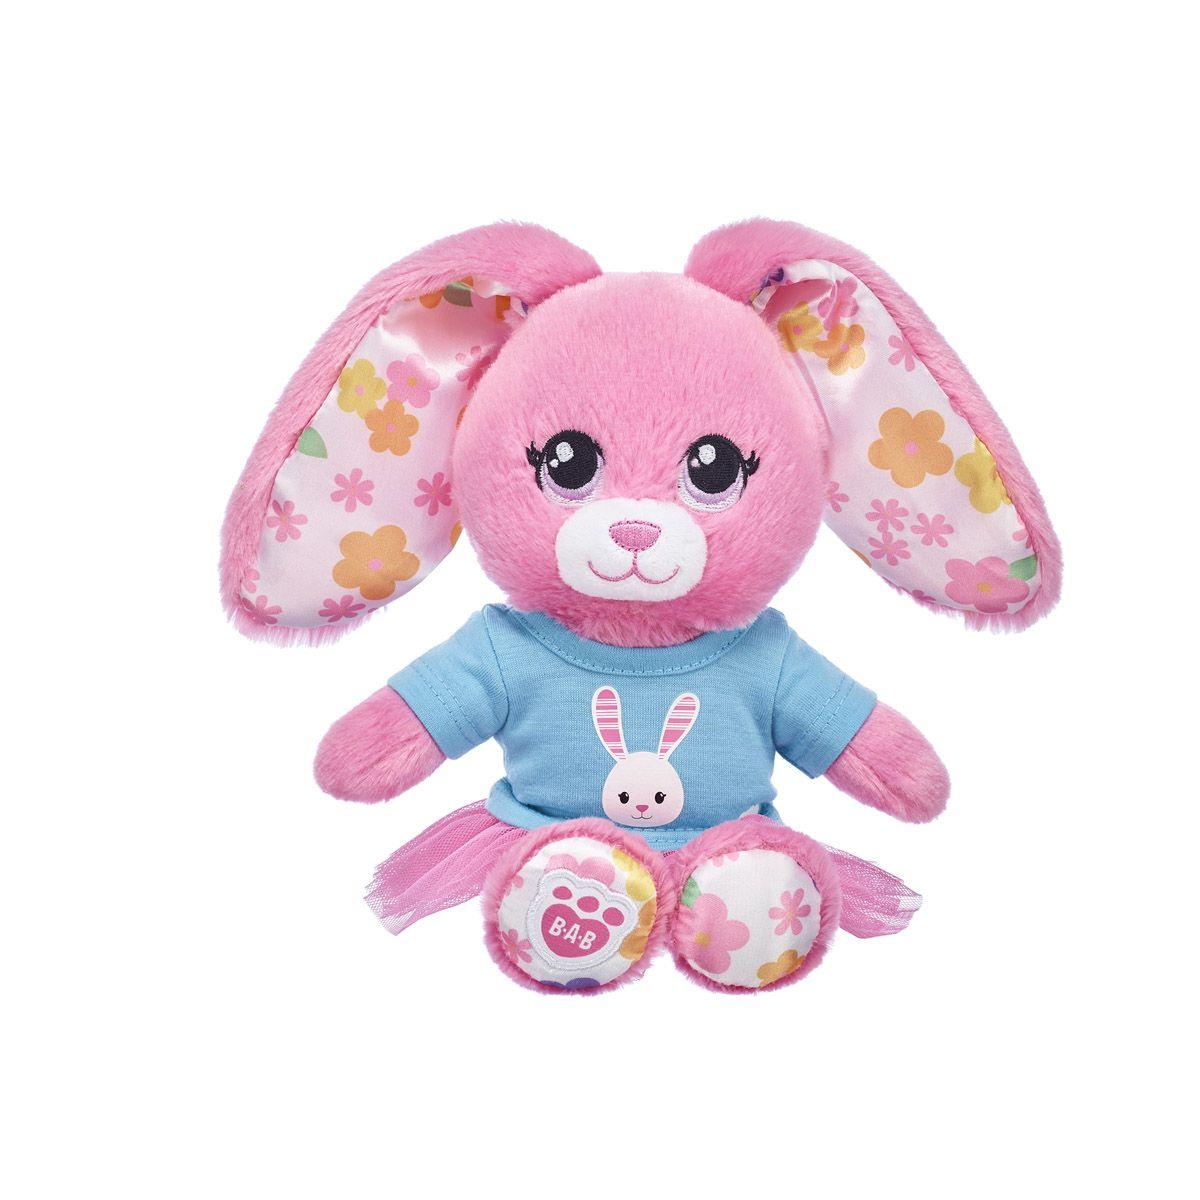 Unstuffed Good Condition Build-a-Bear Bunny Big Ears